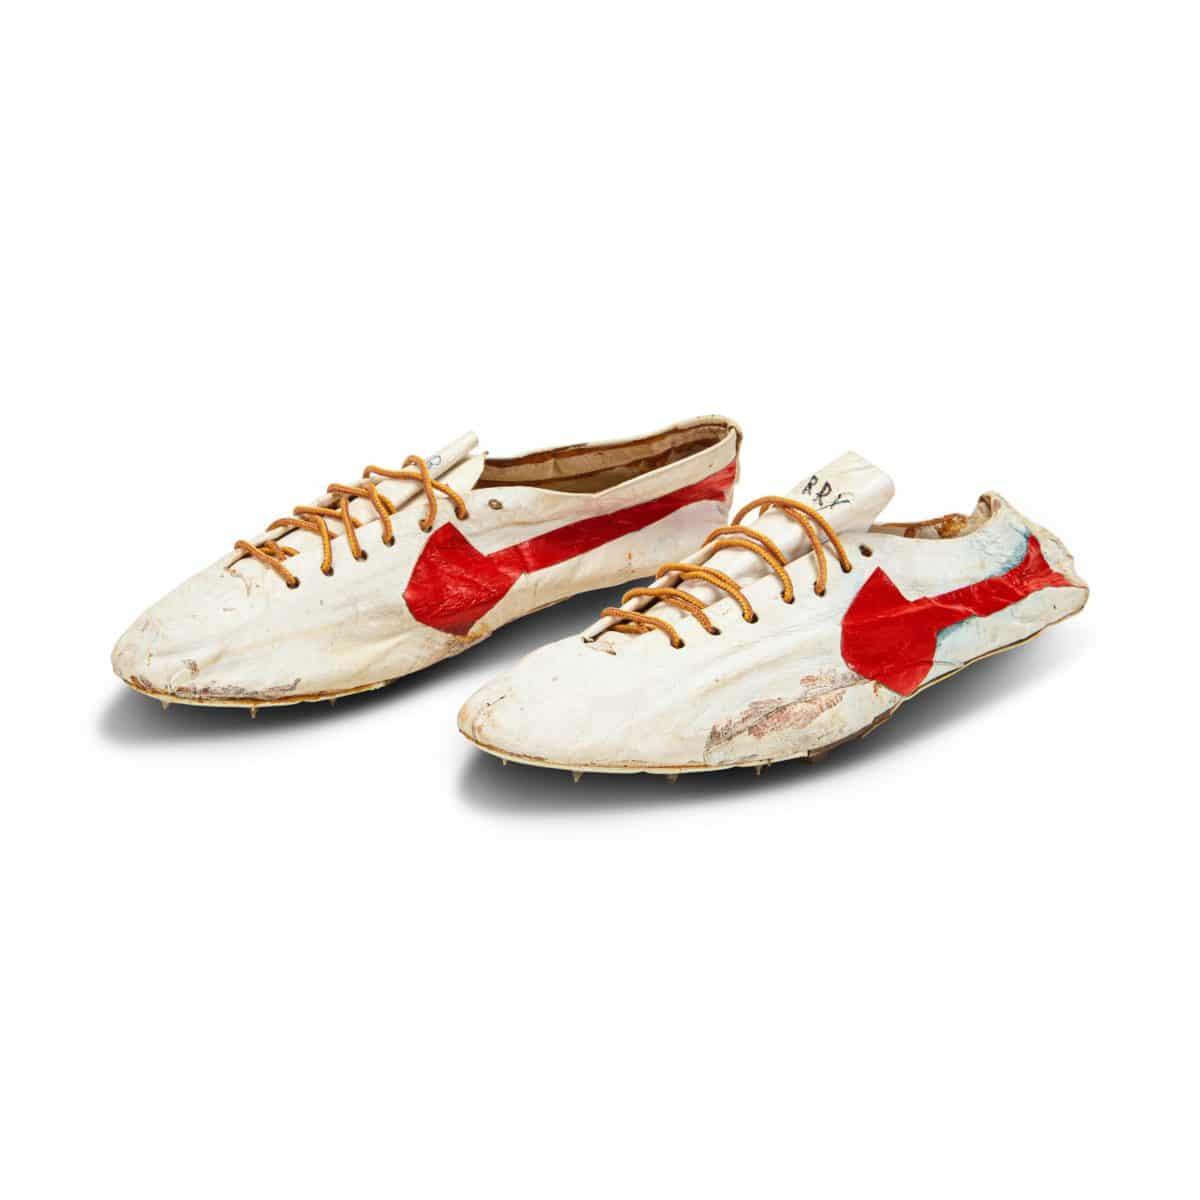 vintage Nike track spikes